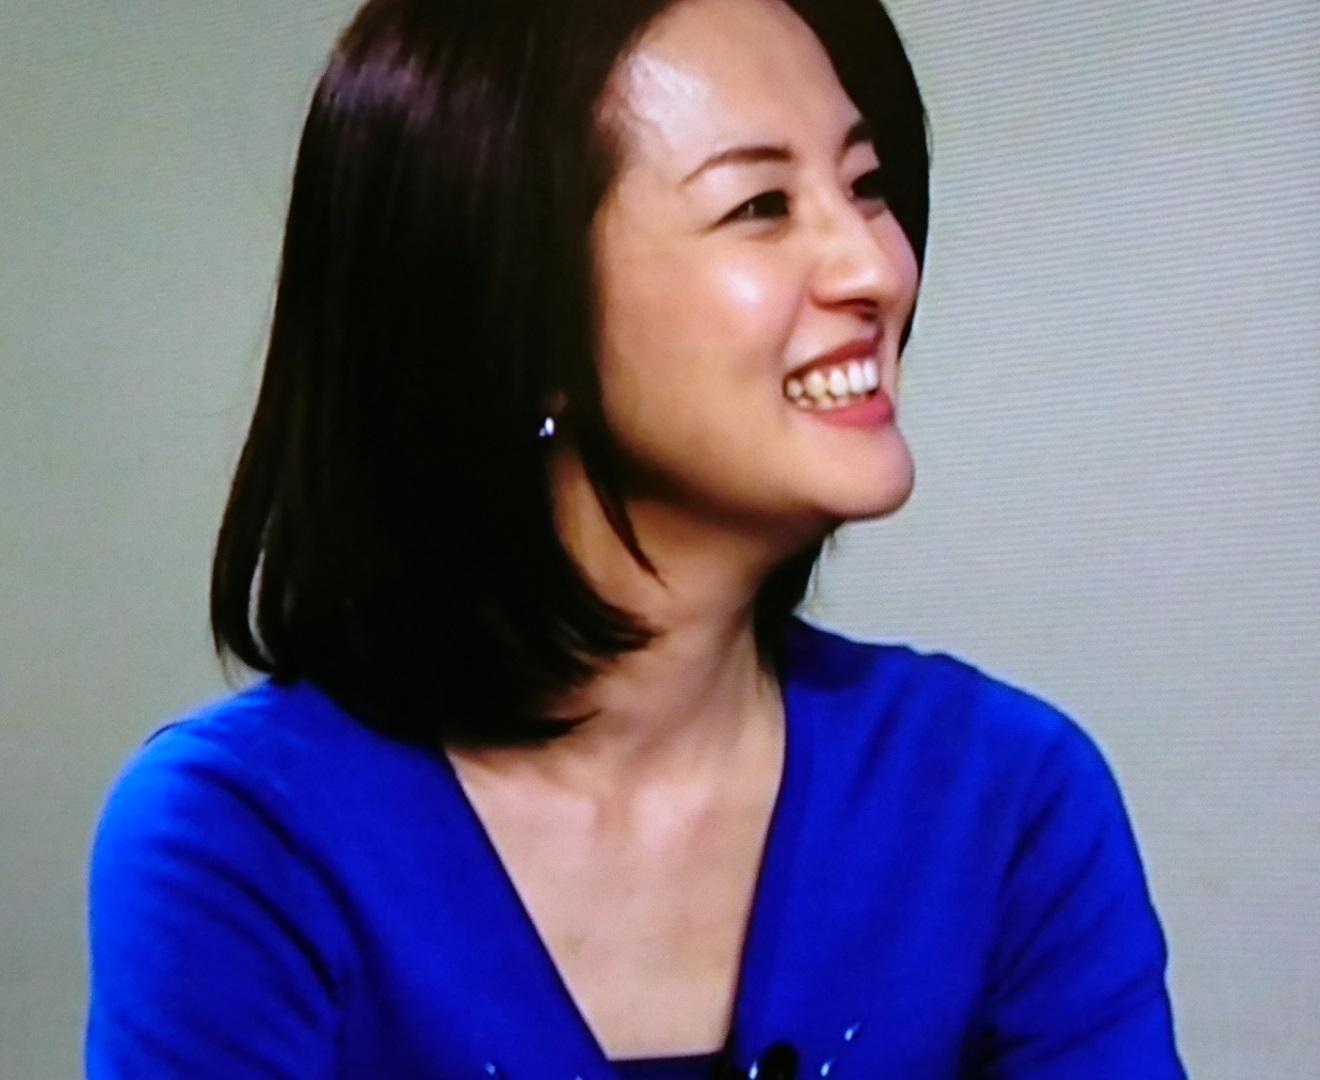 2016.11.26 鈴木奈穂子さん (1) 1320-1080